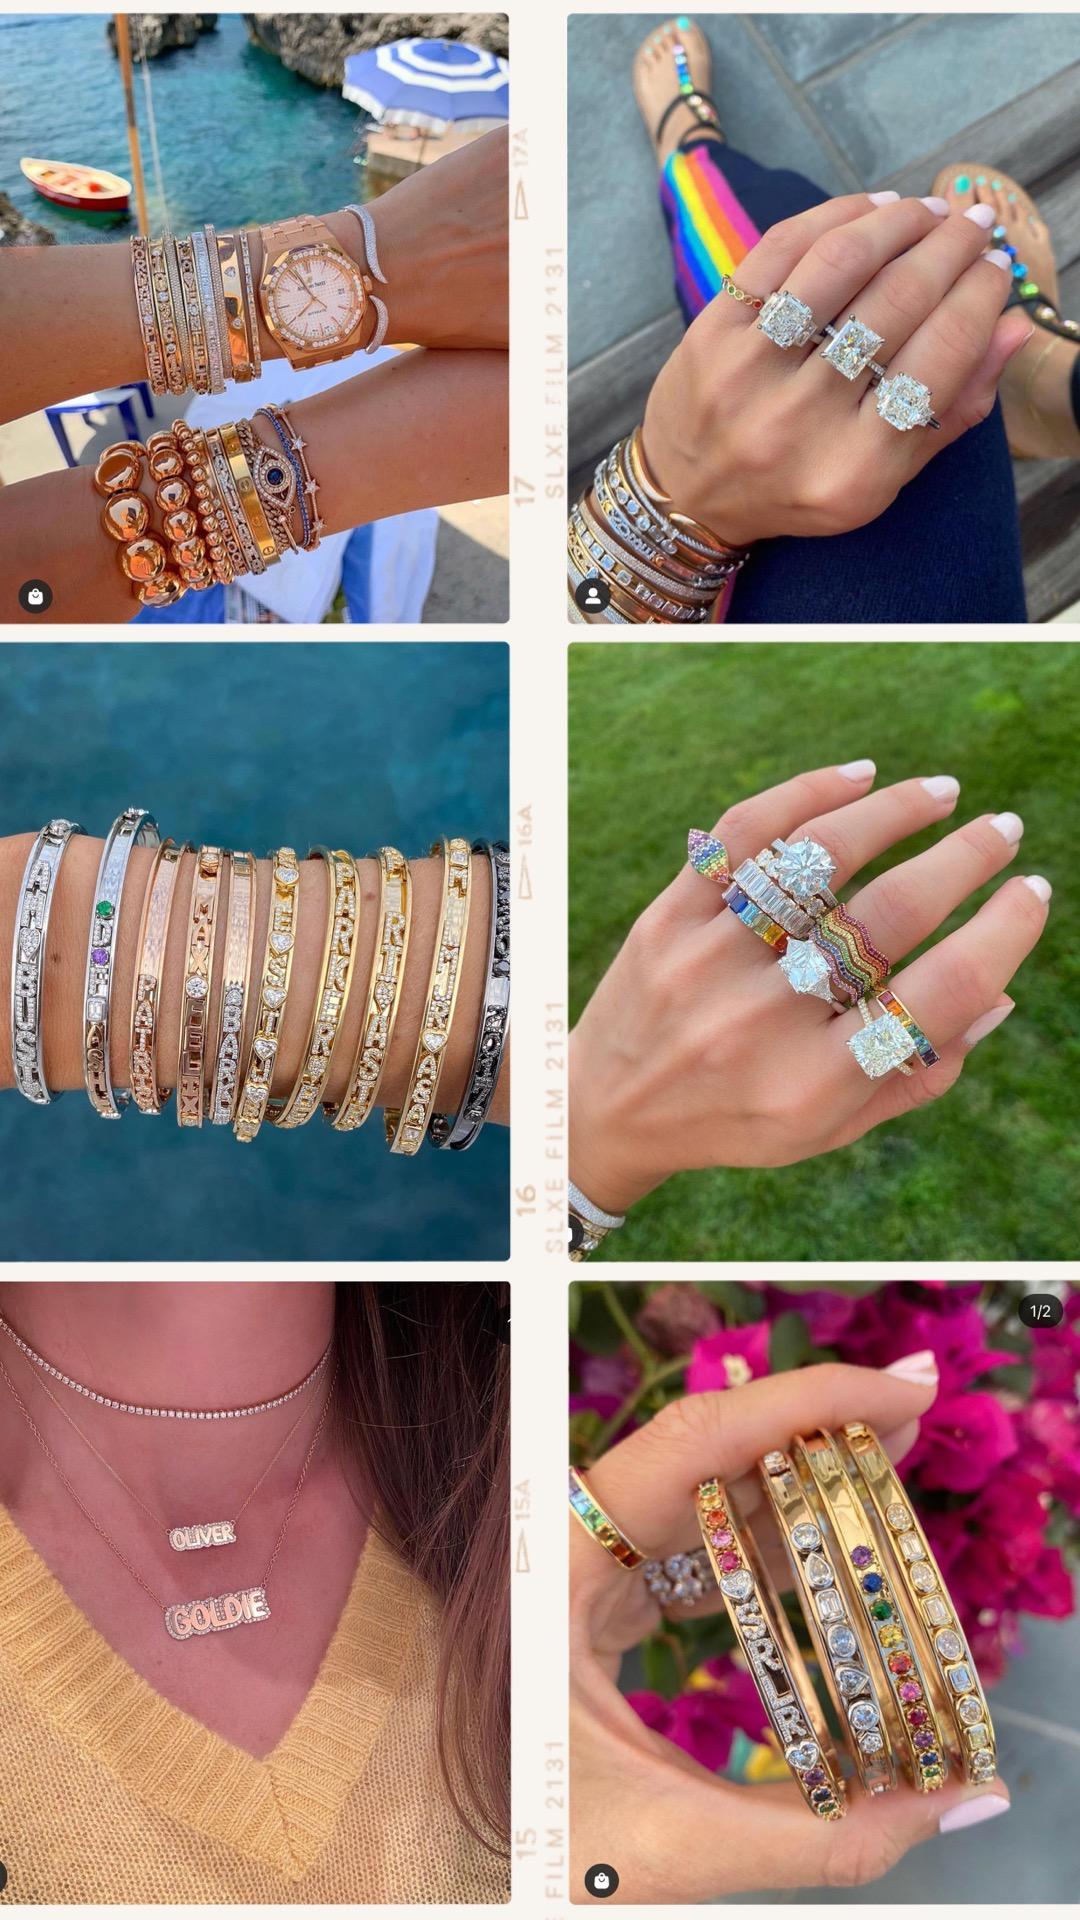 Stephanie Gottlieb, slider bracelet, best instagram jewelry, cartier bracelet stack, slider bracelet stack, personalized jewelry